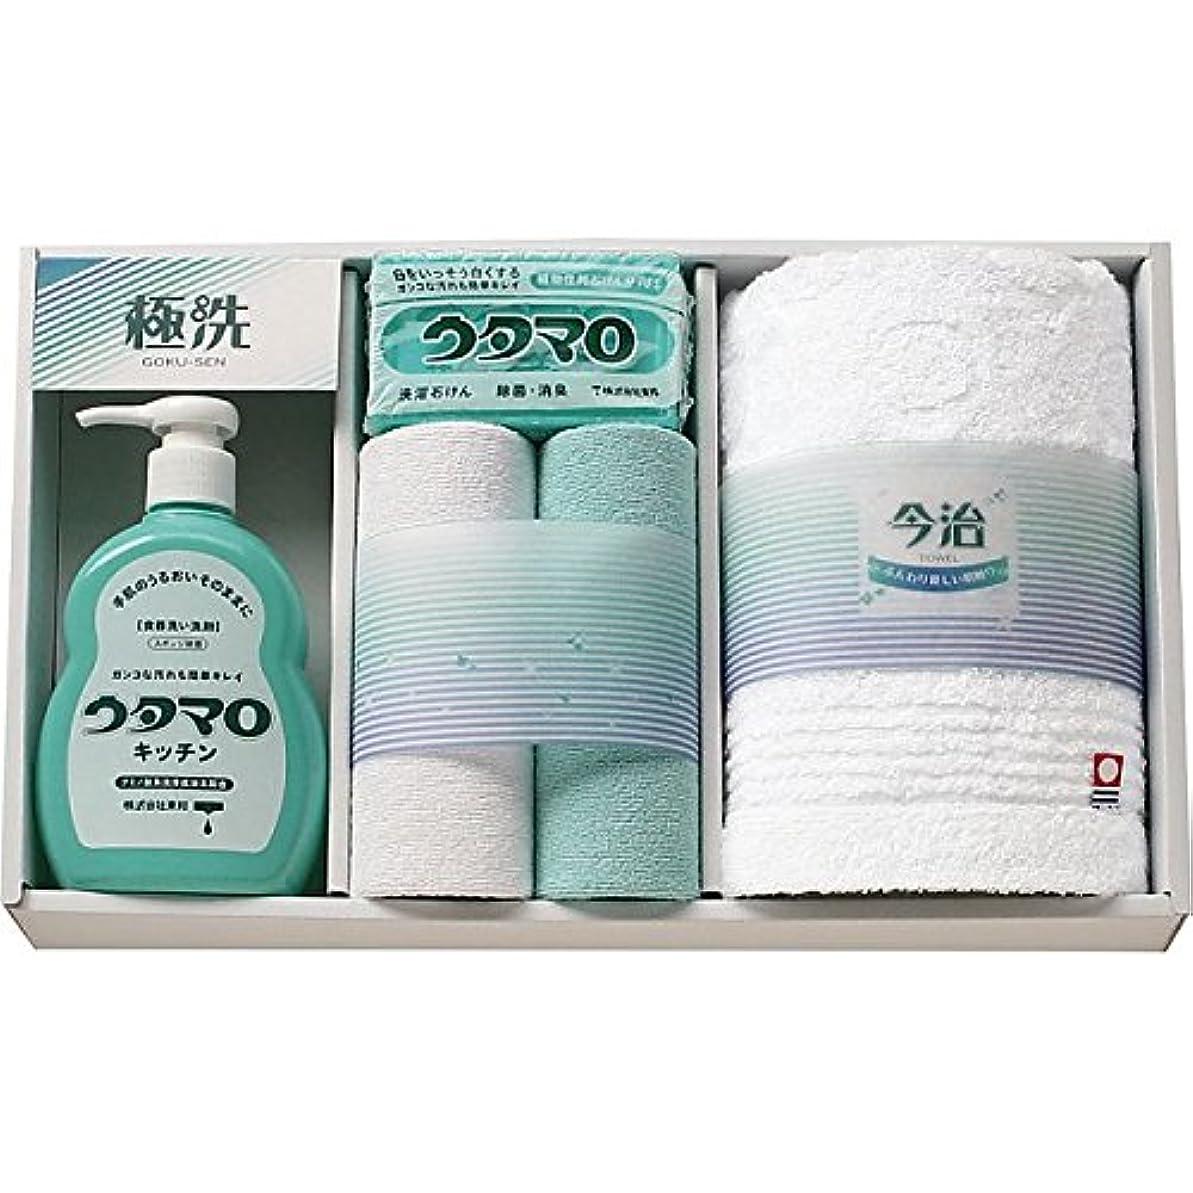 わかりやすいトリムビバ( ウタマロ ) 石鹸?キッチン洗剤ギフト ( 835-1055r )